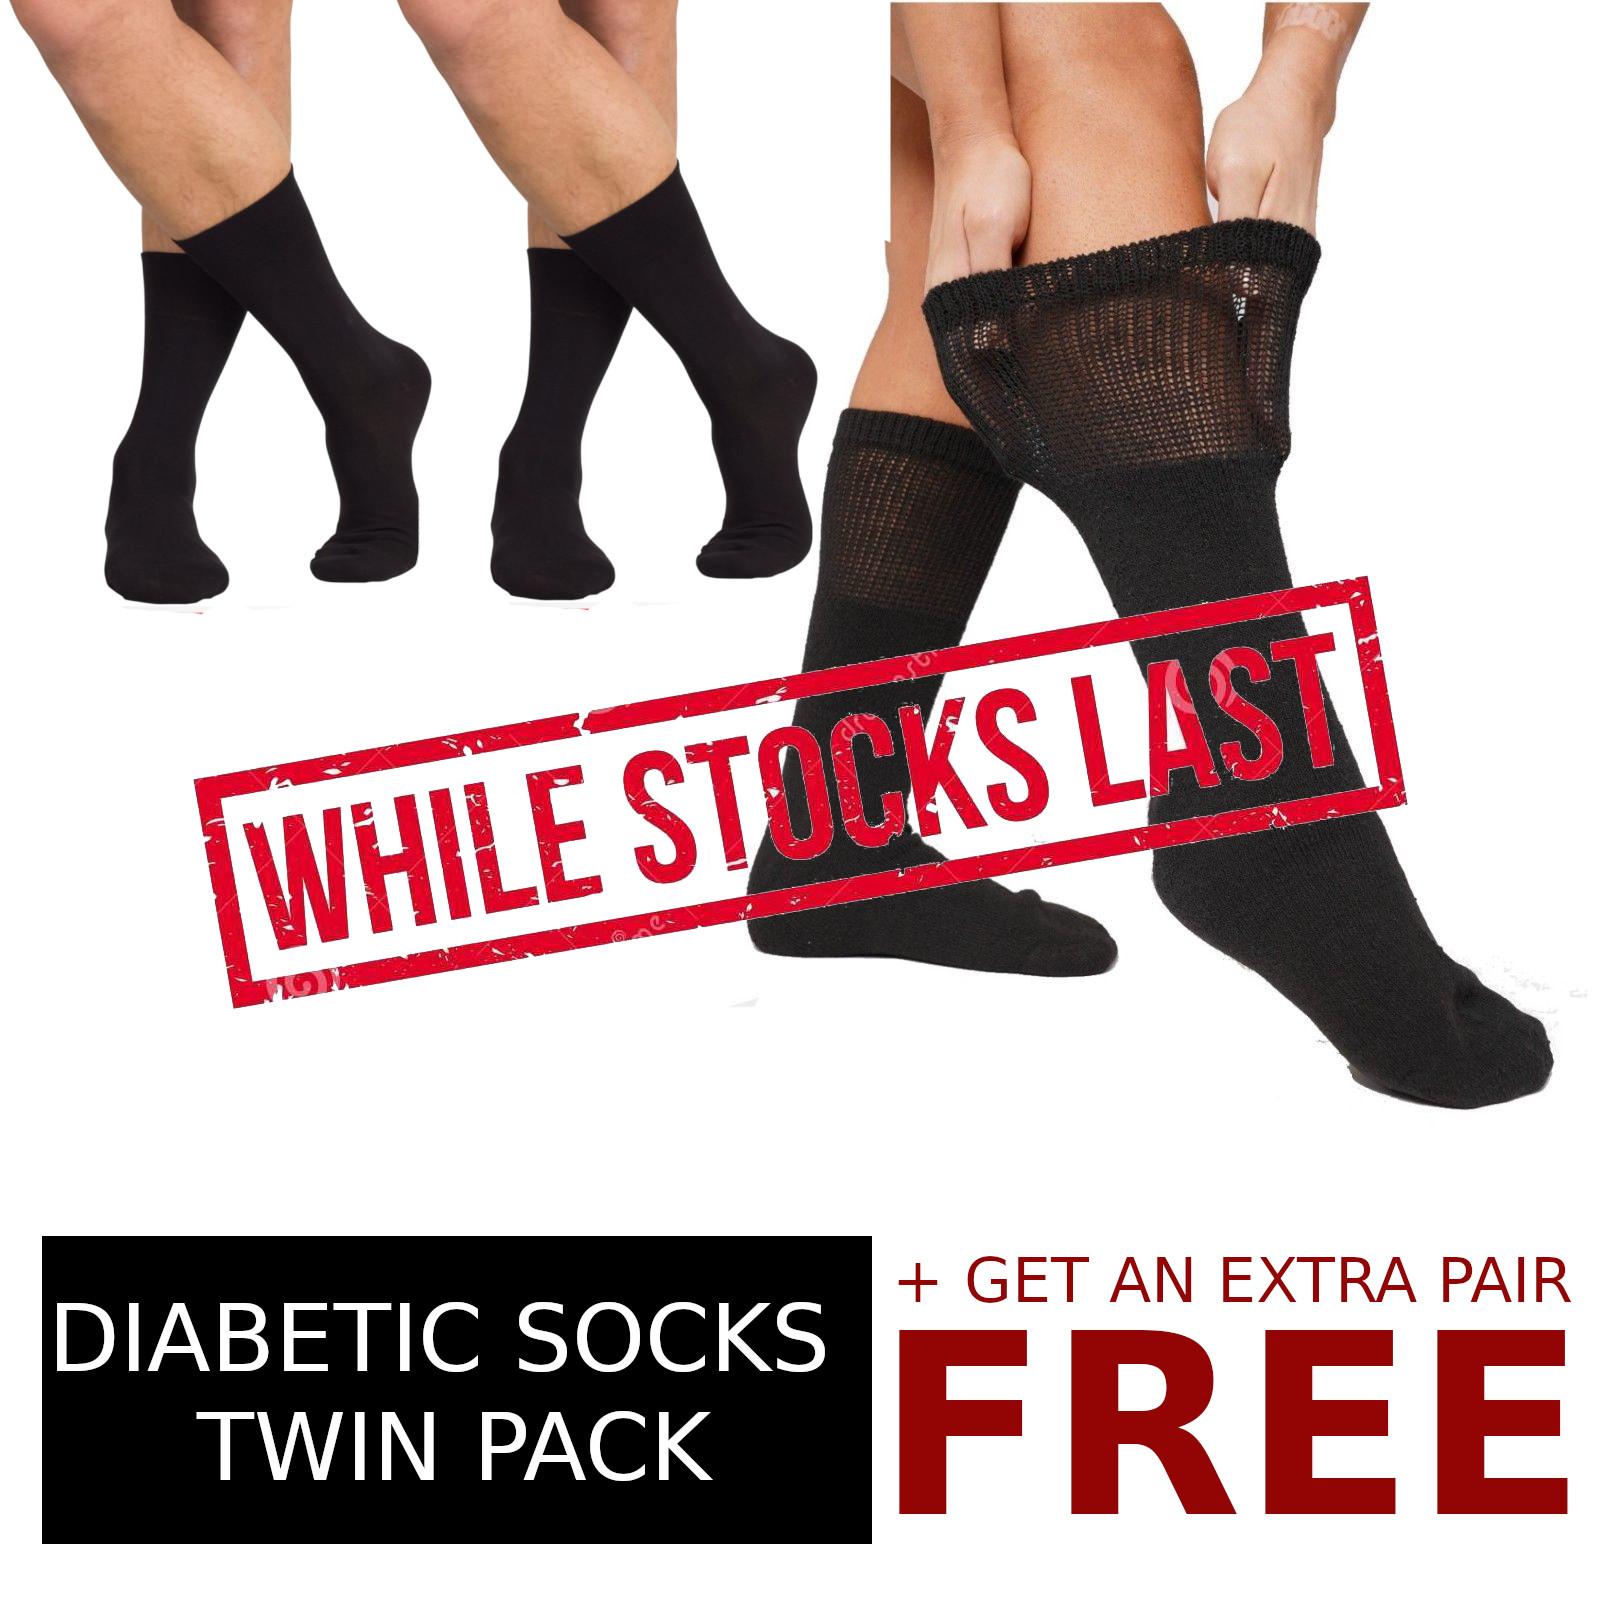 Diabetic Socks Unifit Natrural Comfort 2 Pairs GET 1 Pair FREE